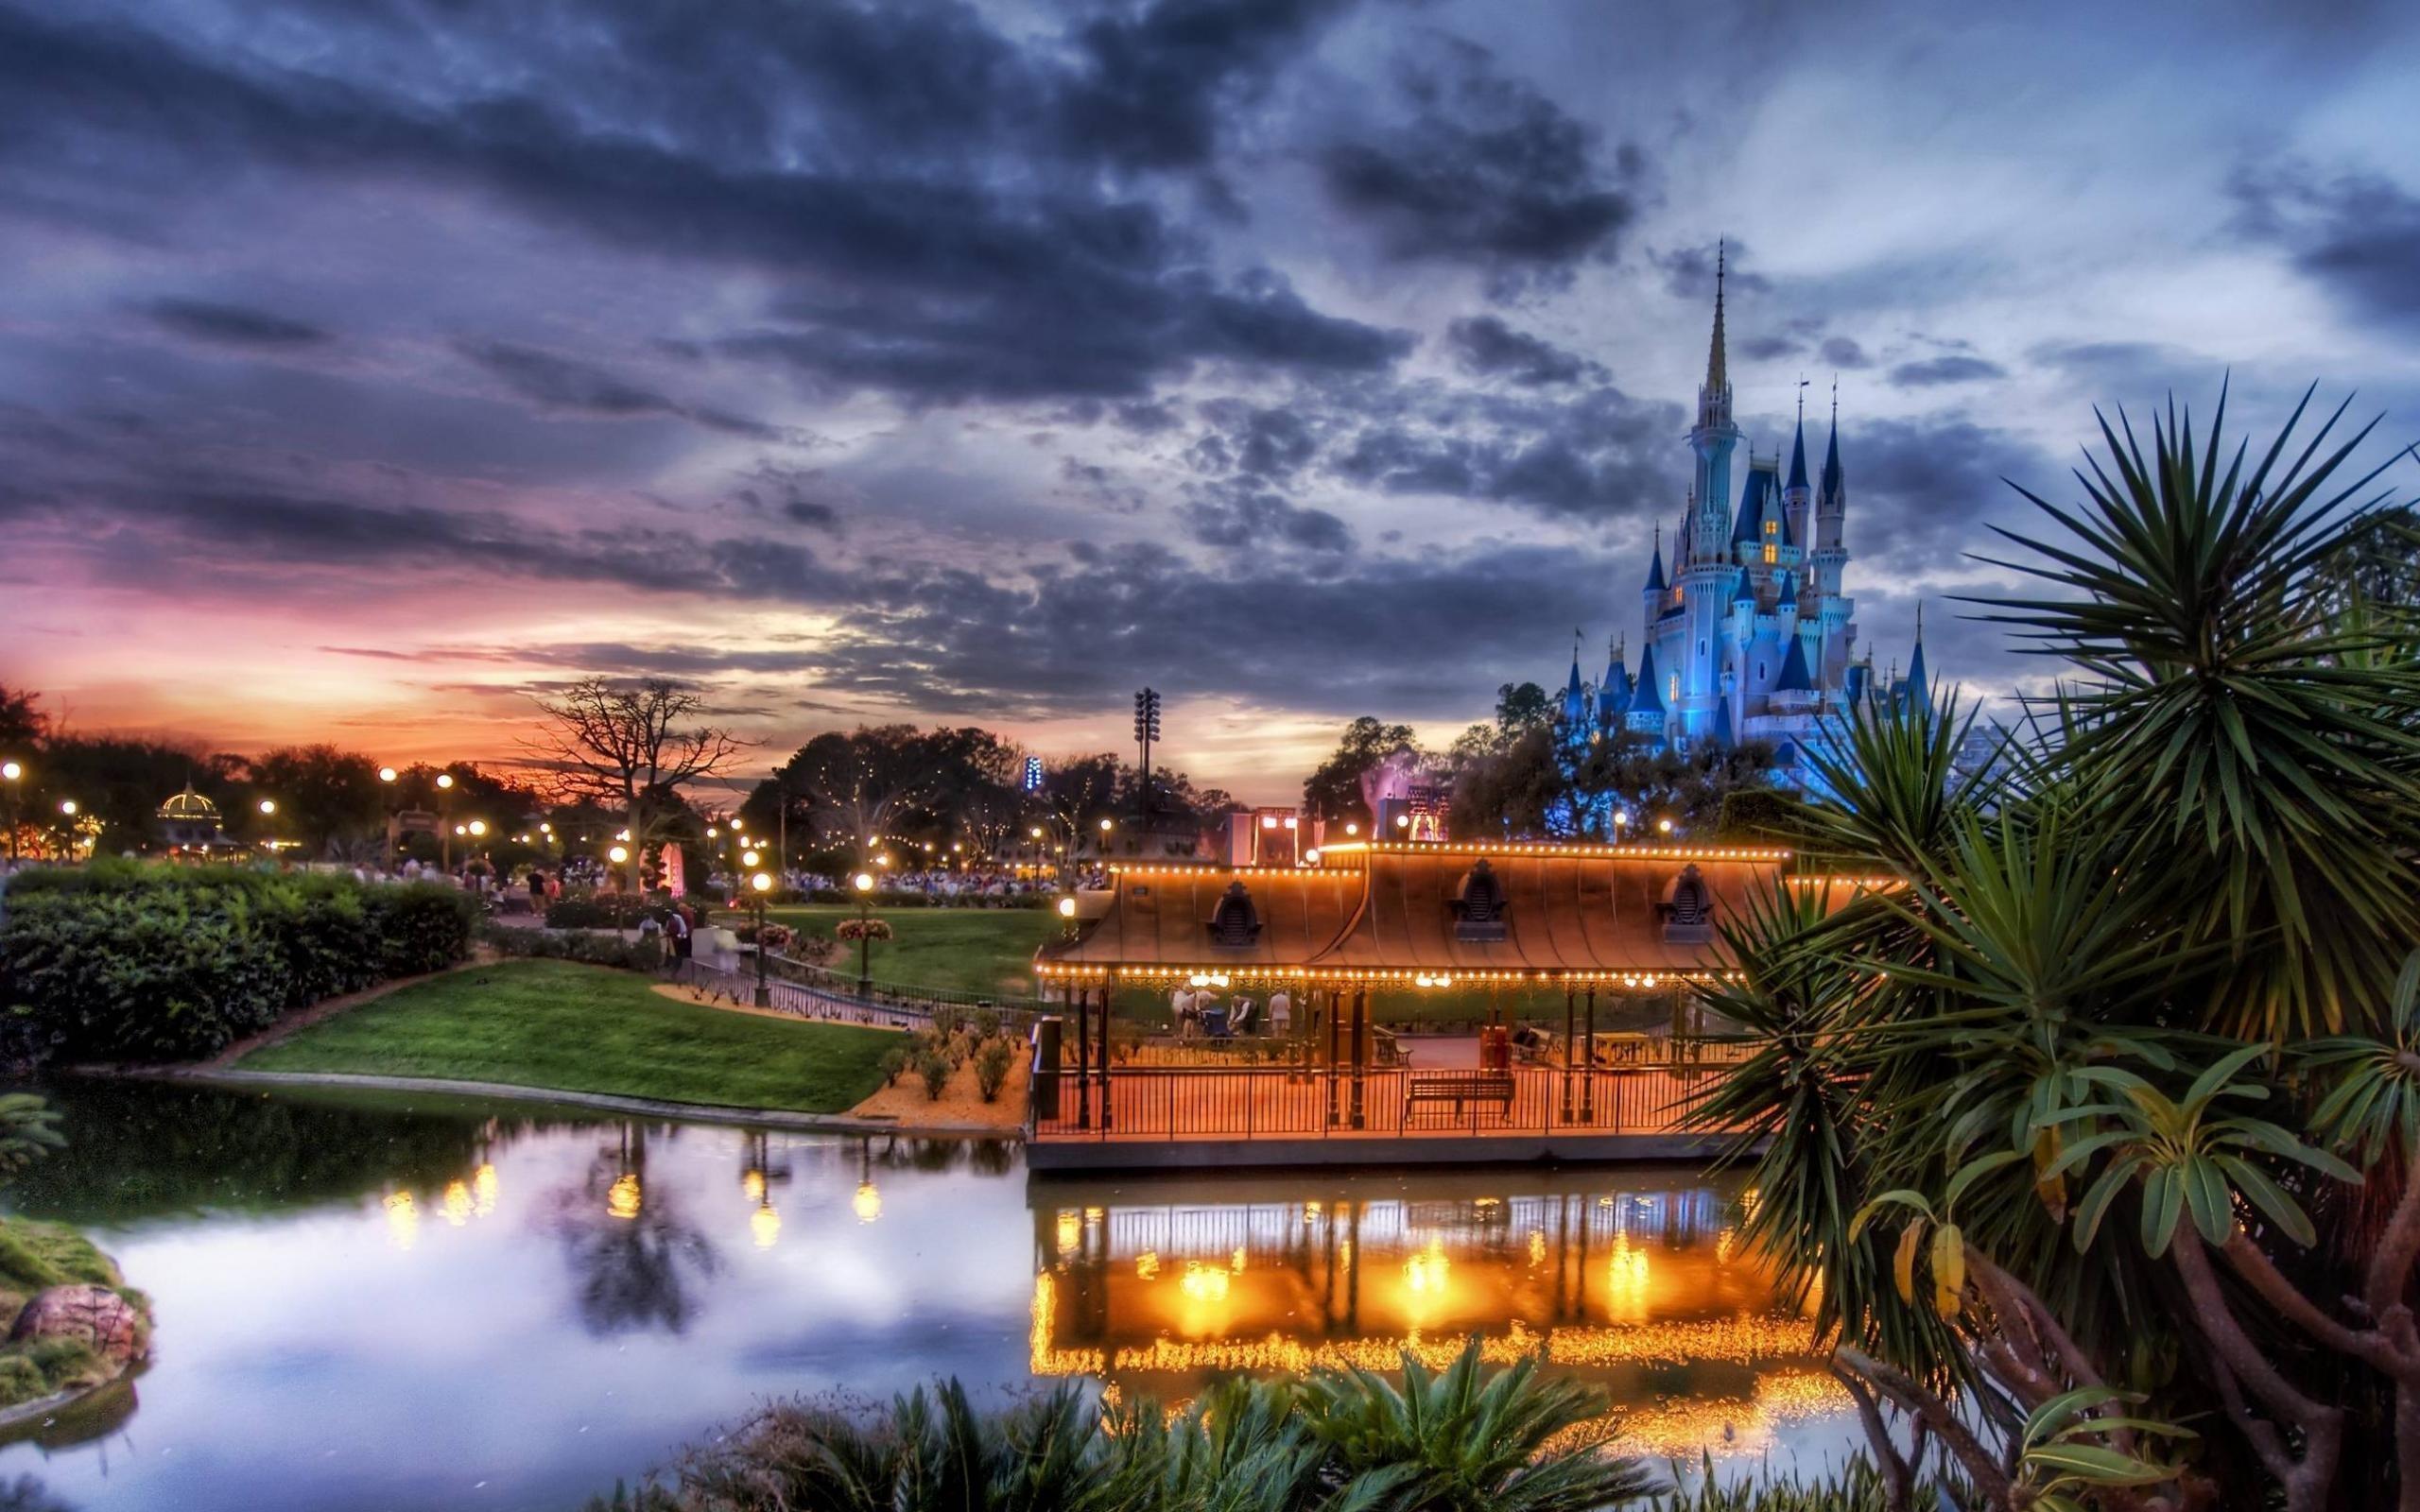 Download Wallpaper Macbook Disneyland - 417145  Photograph_45661.jpg